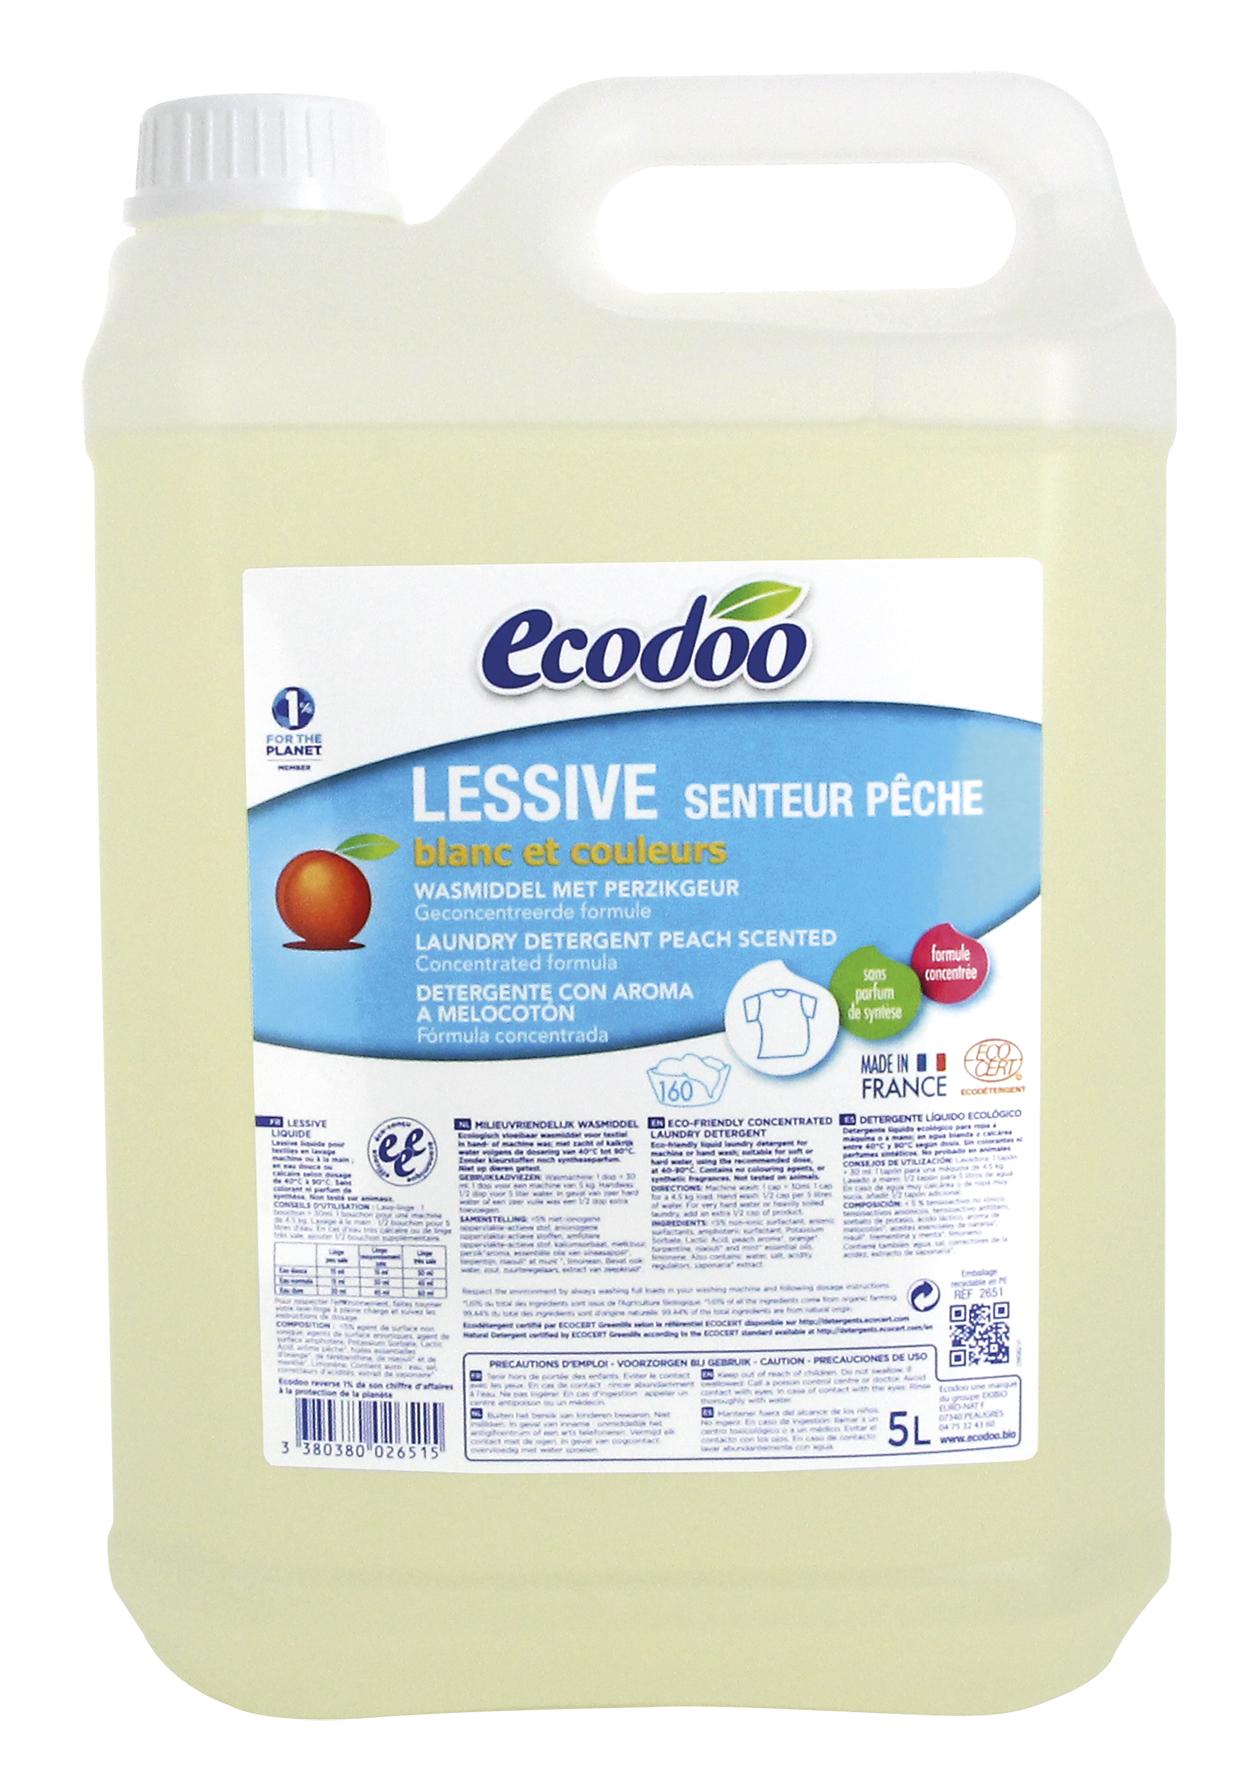 Lessive liquide senteur pêche, Ecodoo (5 l)